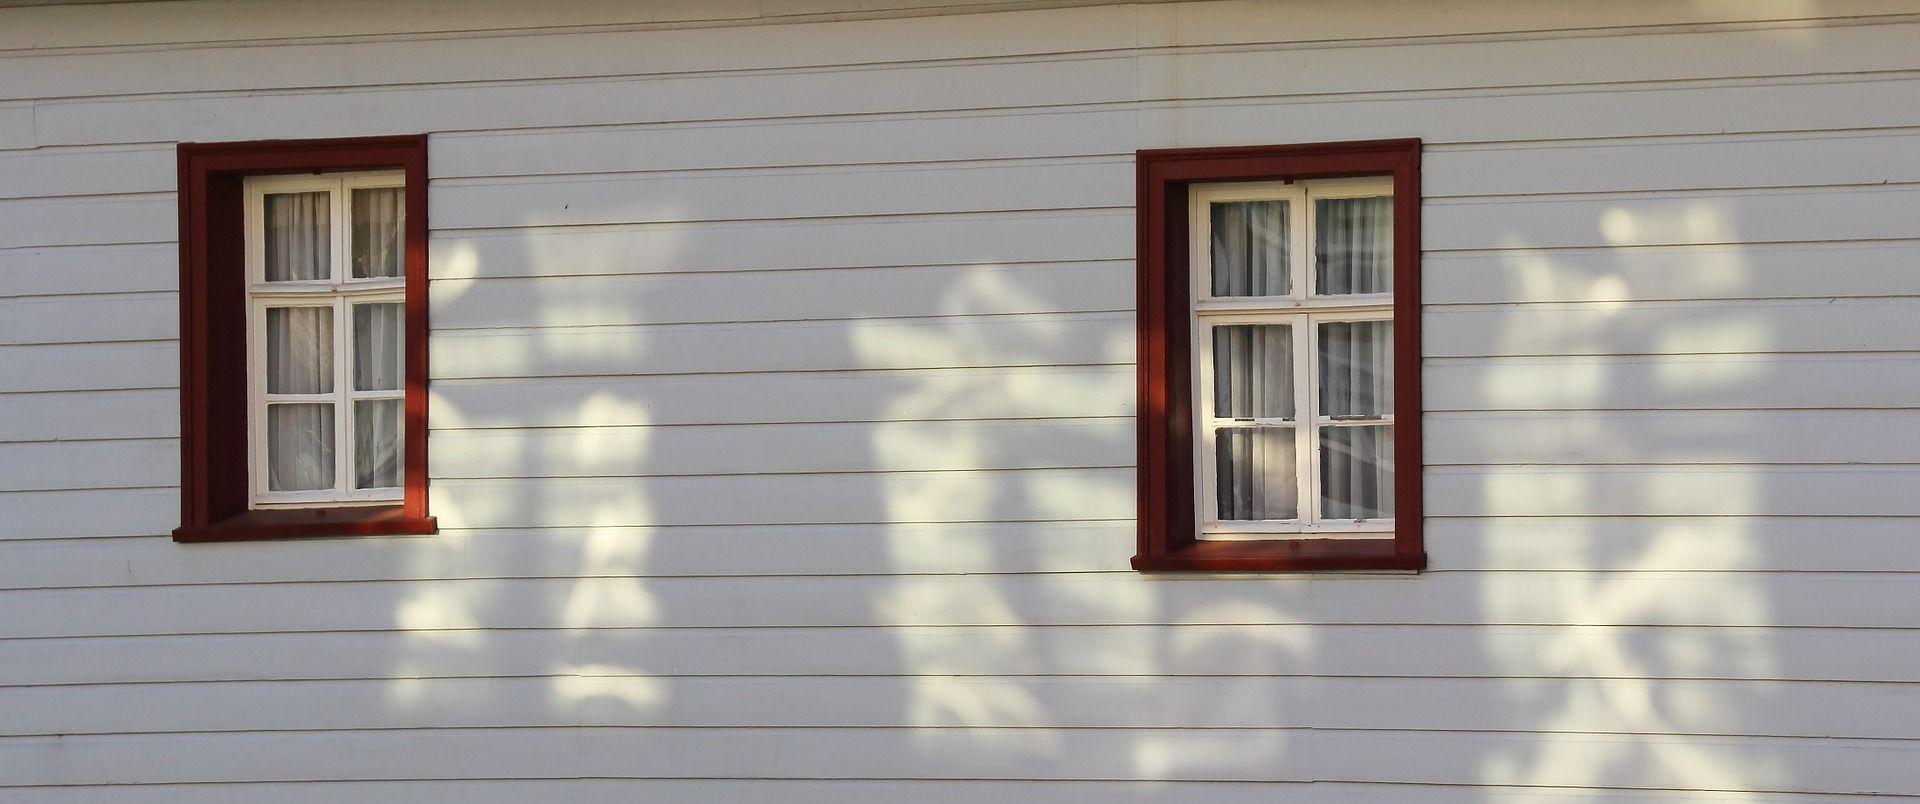 Holzfassade Fenster